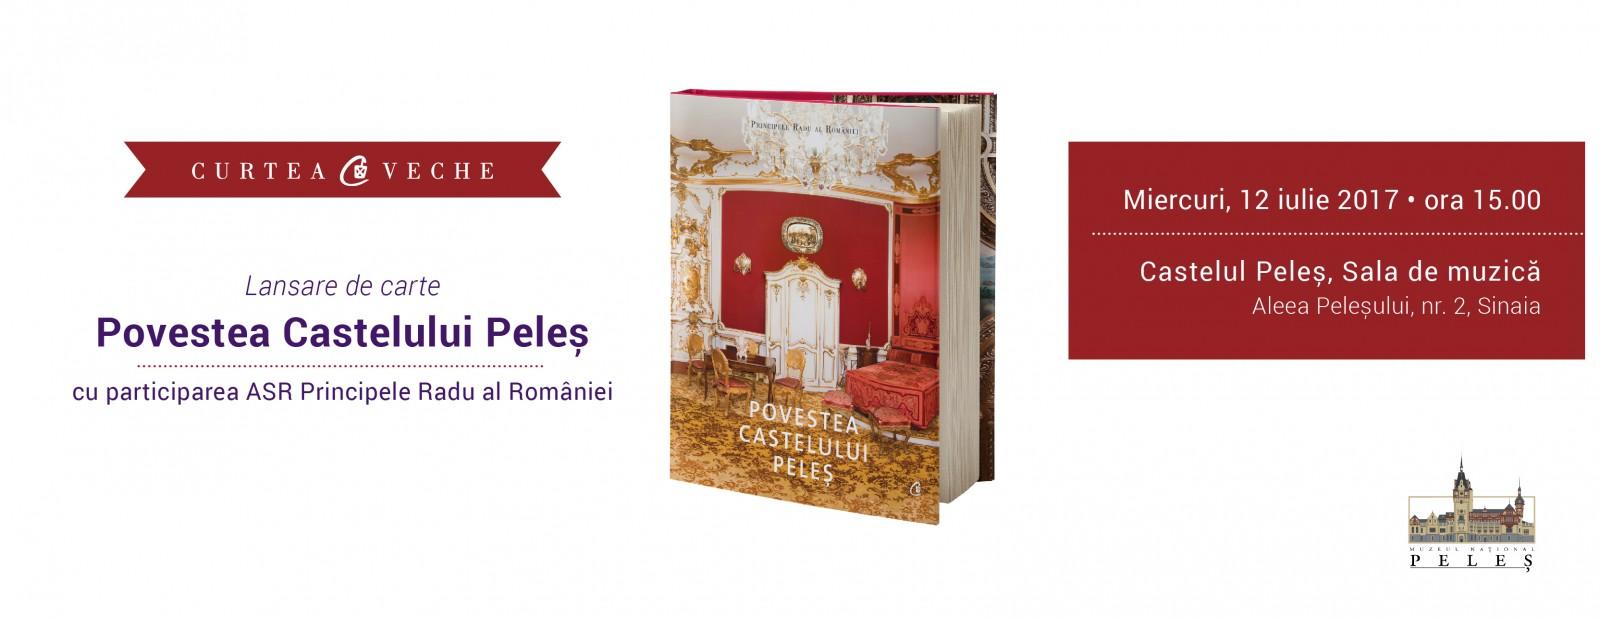 """ASR Principele Radu al României lansează pe 12 iulie la Sinaia  """"Povestea Castelului Peleş"""""""